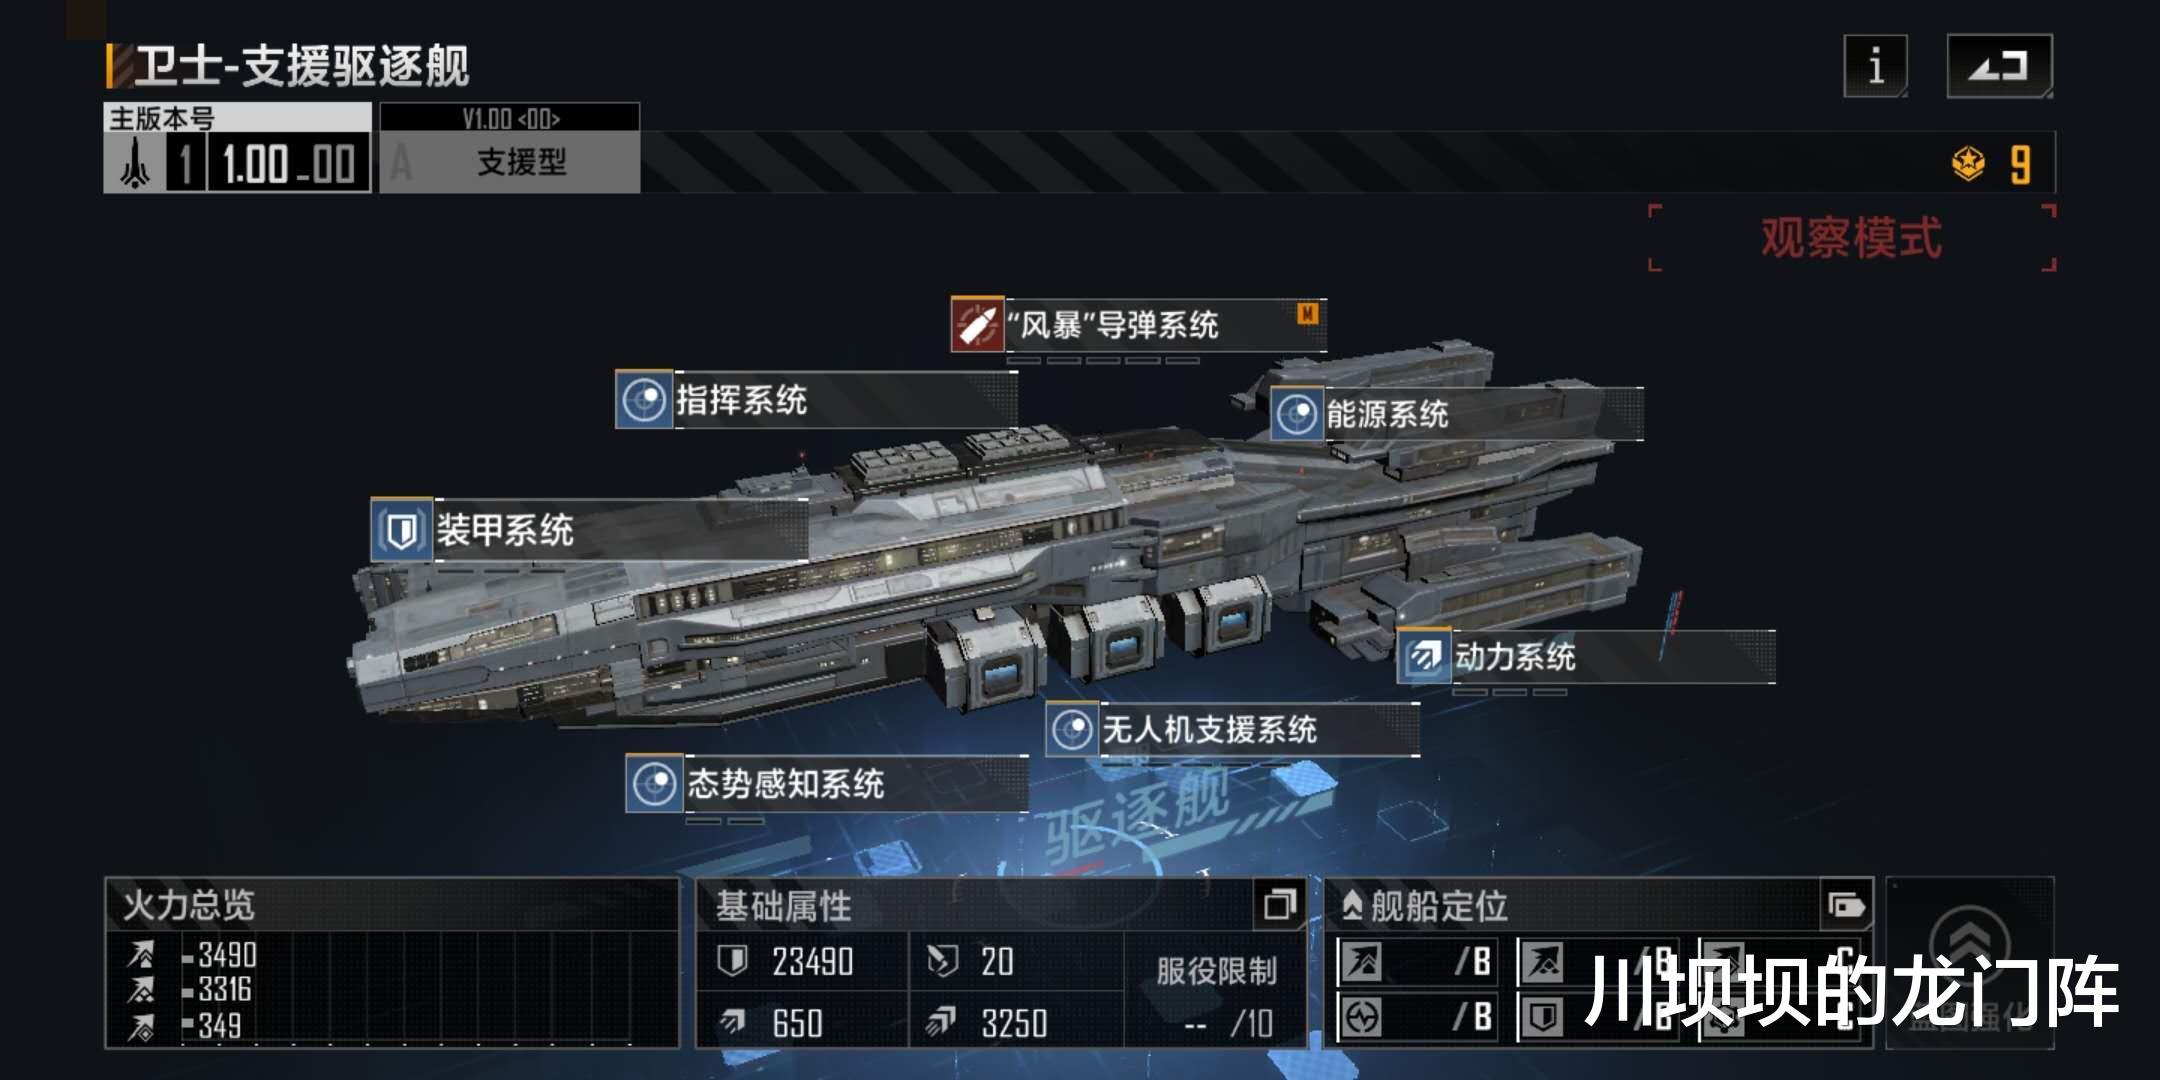 《【煜星娱乐登陆注册】无尽的拉朗格日 非氪金玩家的福音 灼热级驱逐舰》